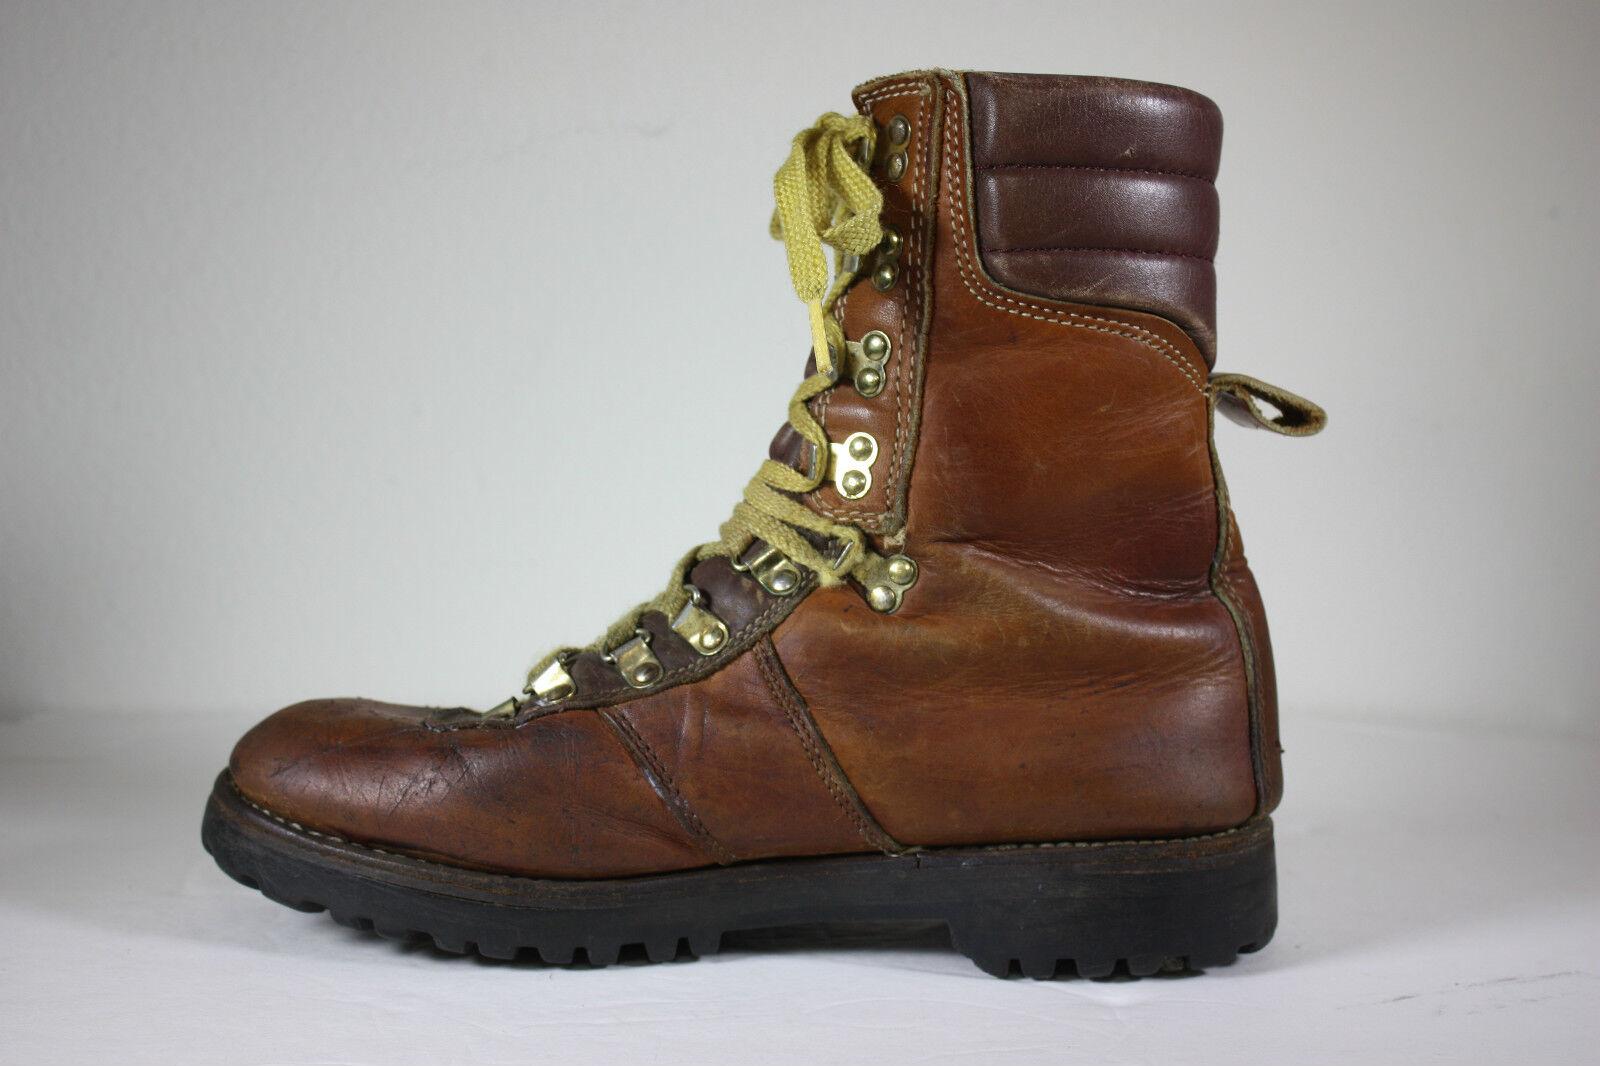 Mont blanc Uomo 9 1 / 2 d lineman cerca lavoro stivali di pelle scarpe da lavoro